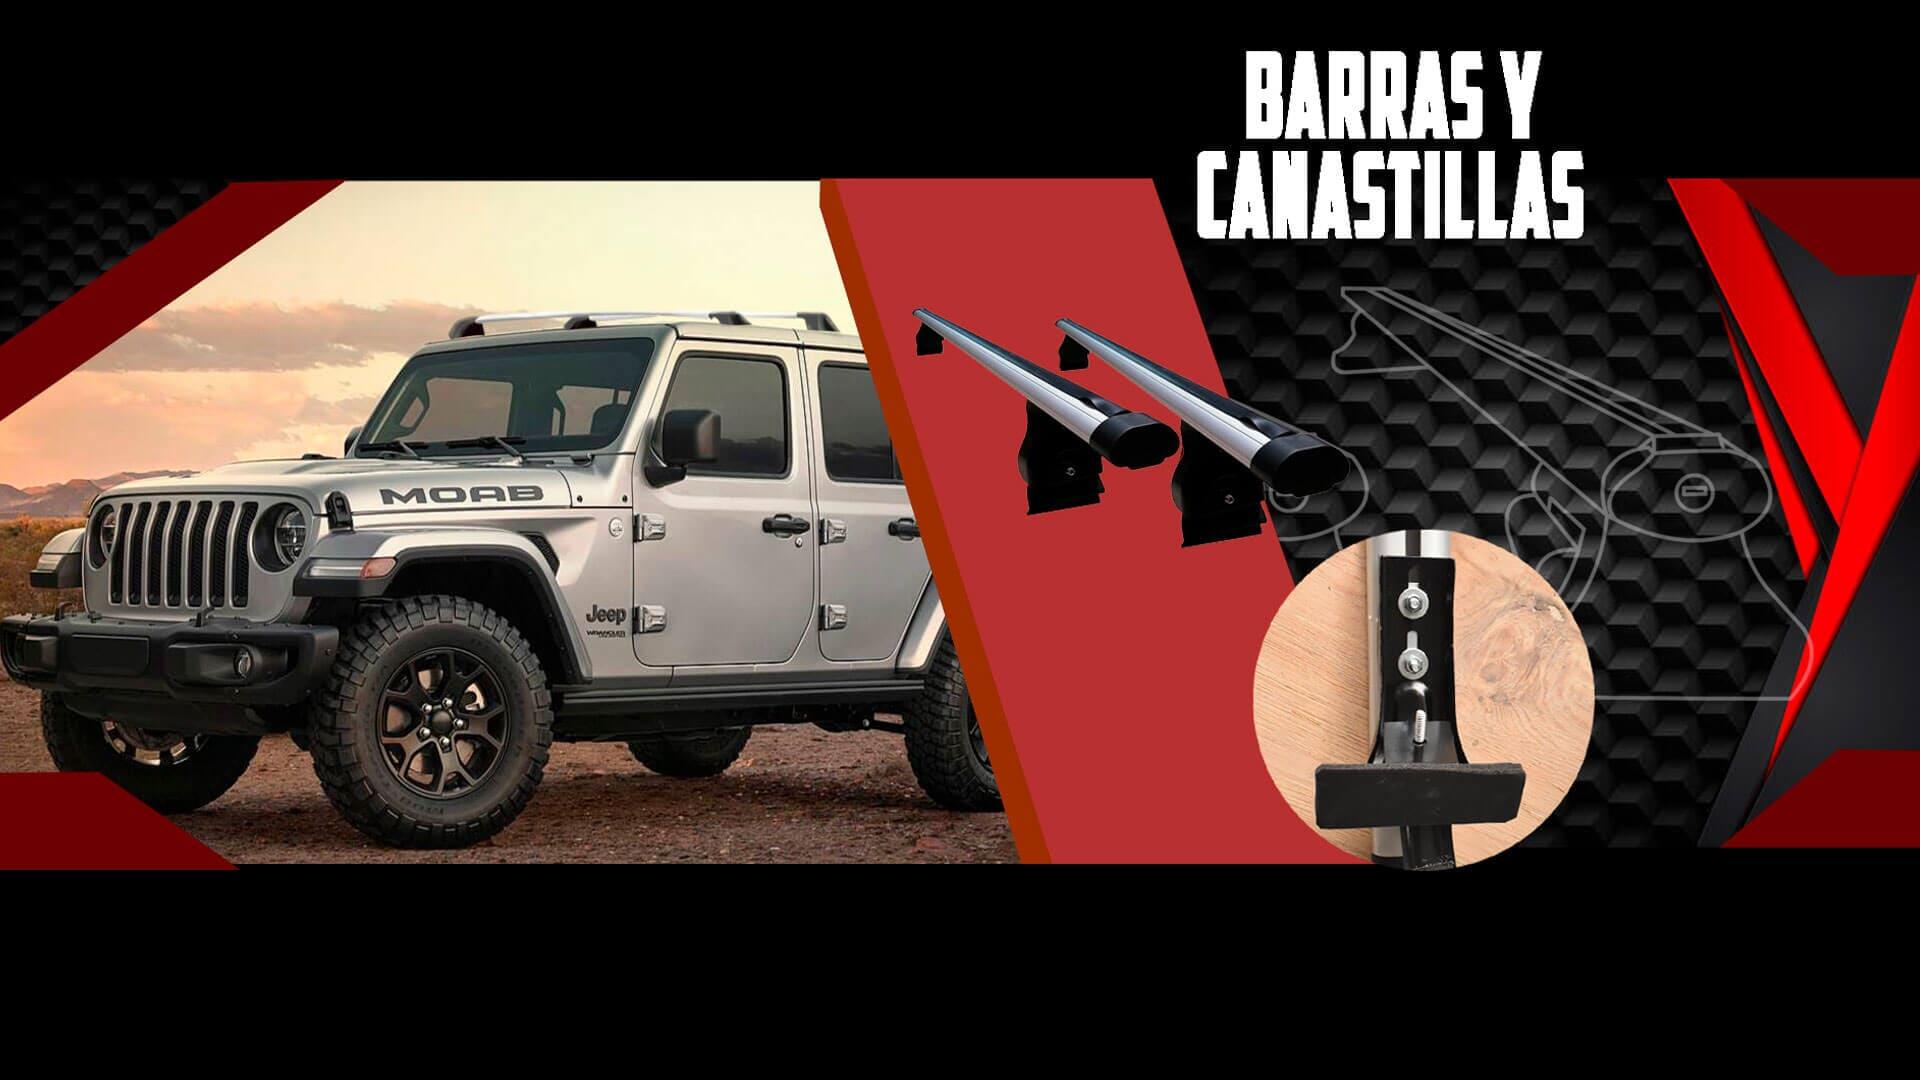 EQUALITY AUTO - BARRAS Y CANASTILLAS